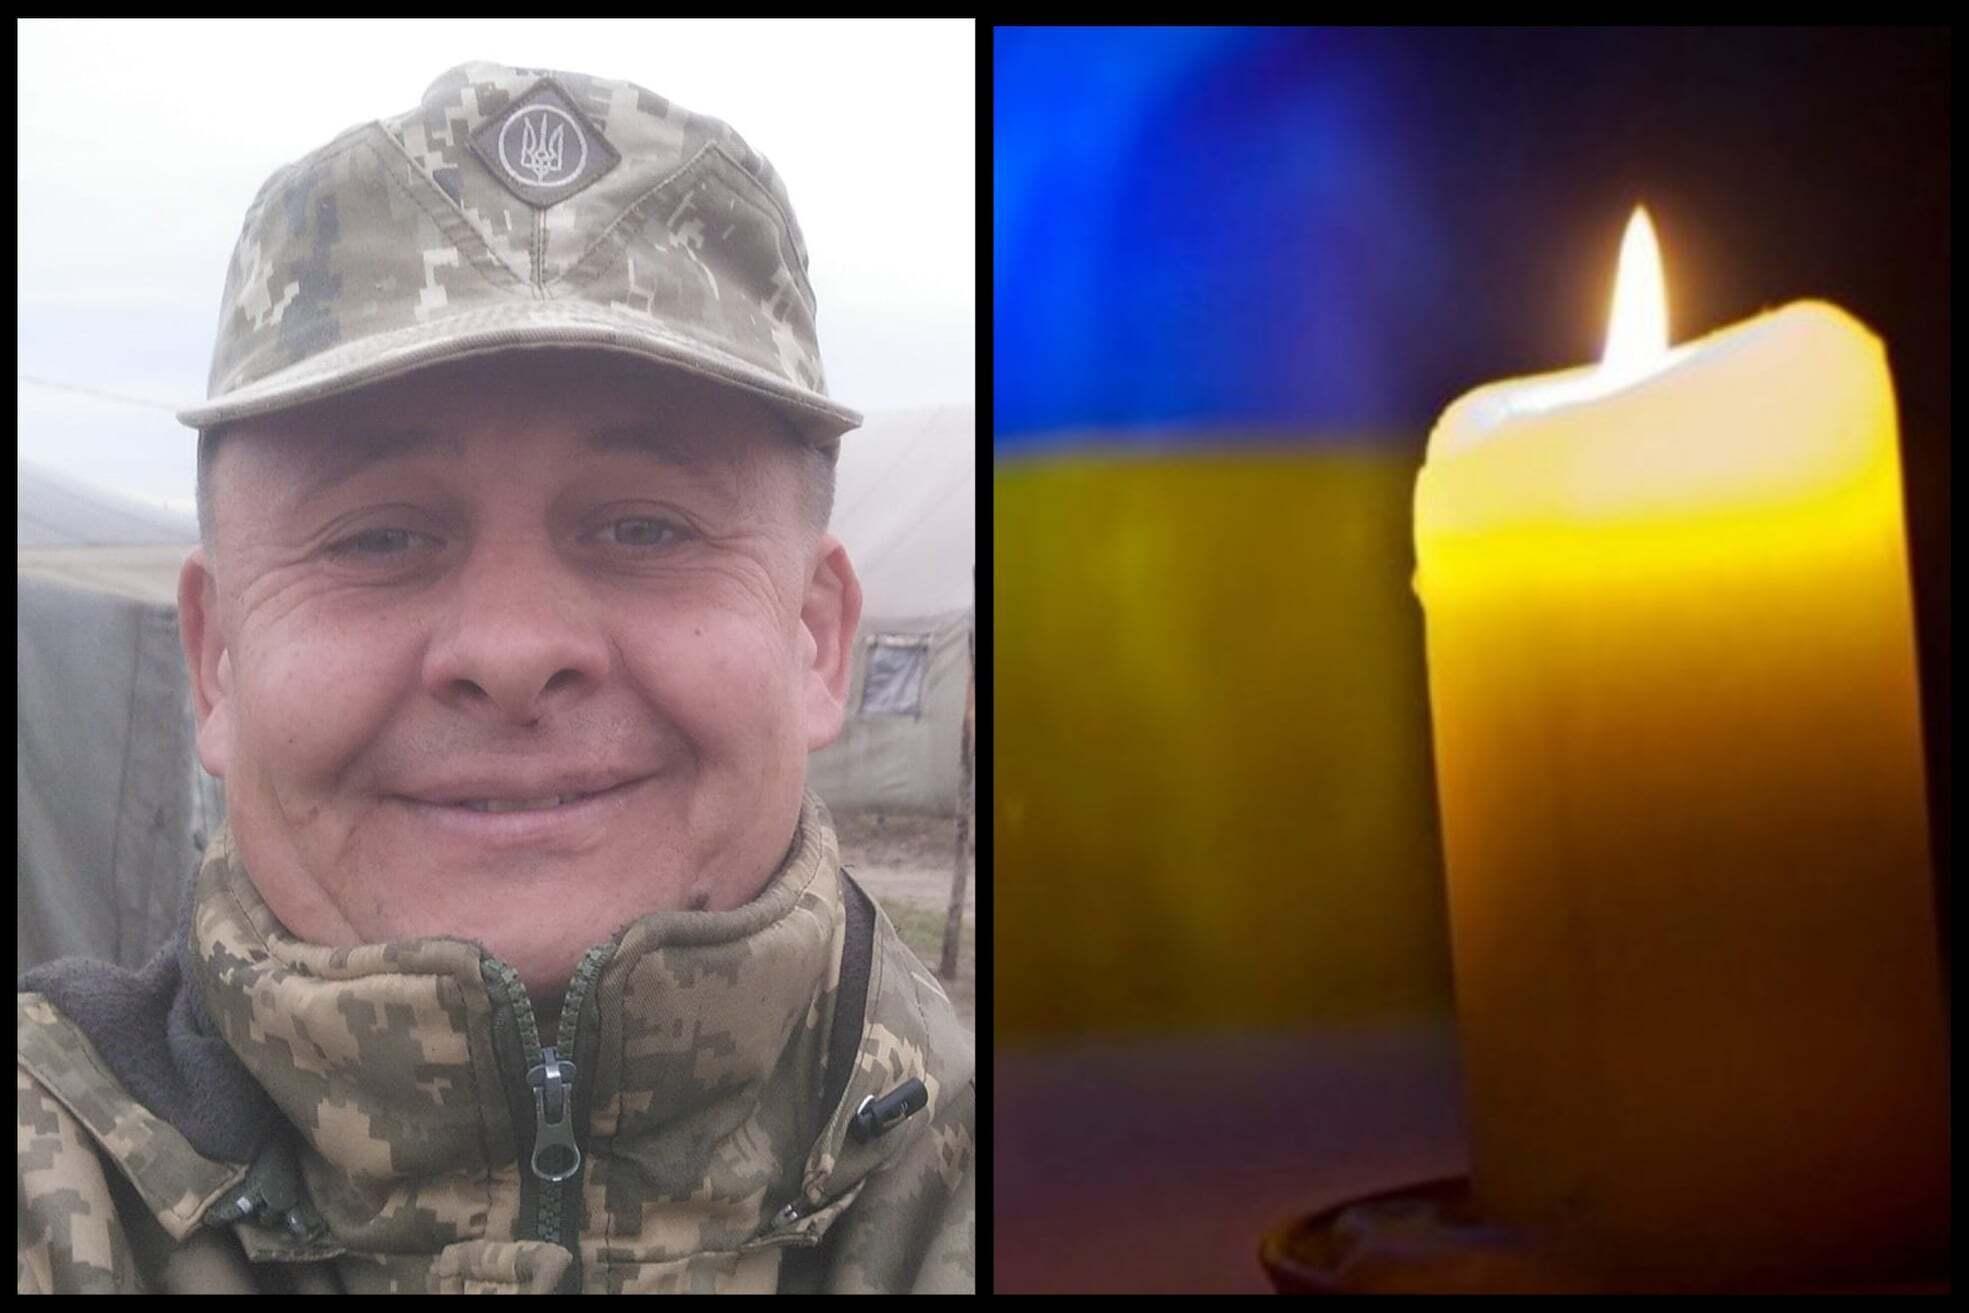 На Донбассе погиб воин ВСУ Алексей Мамчий